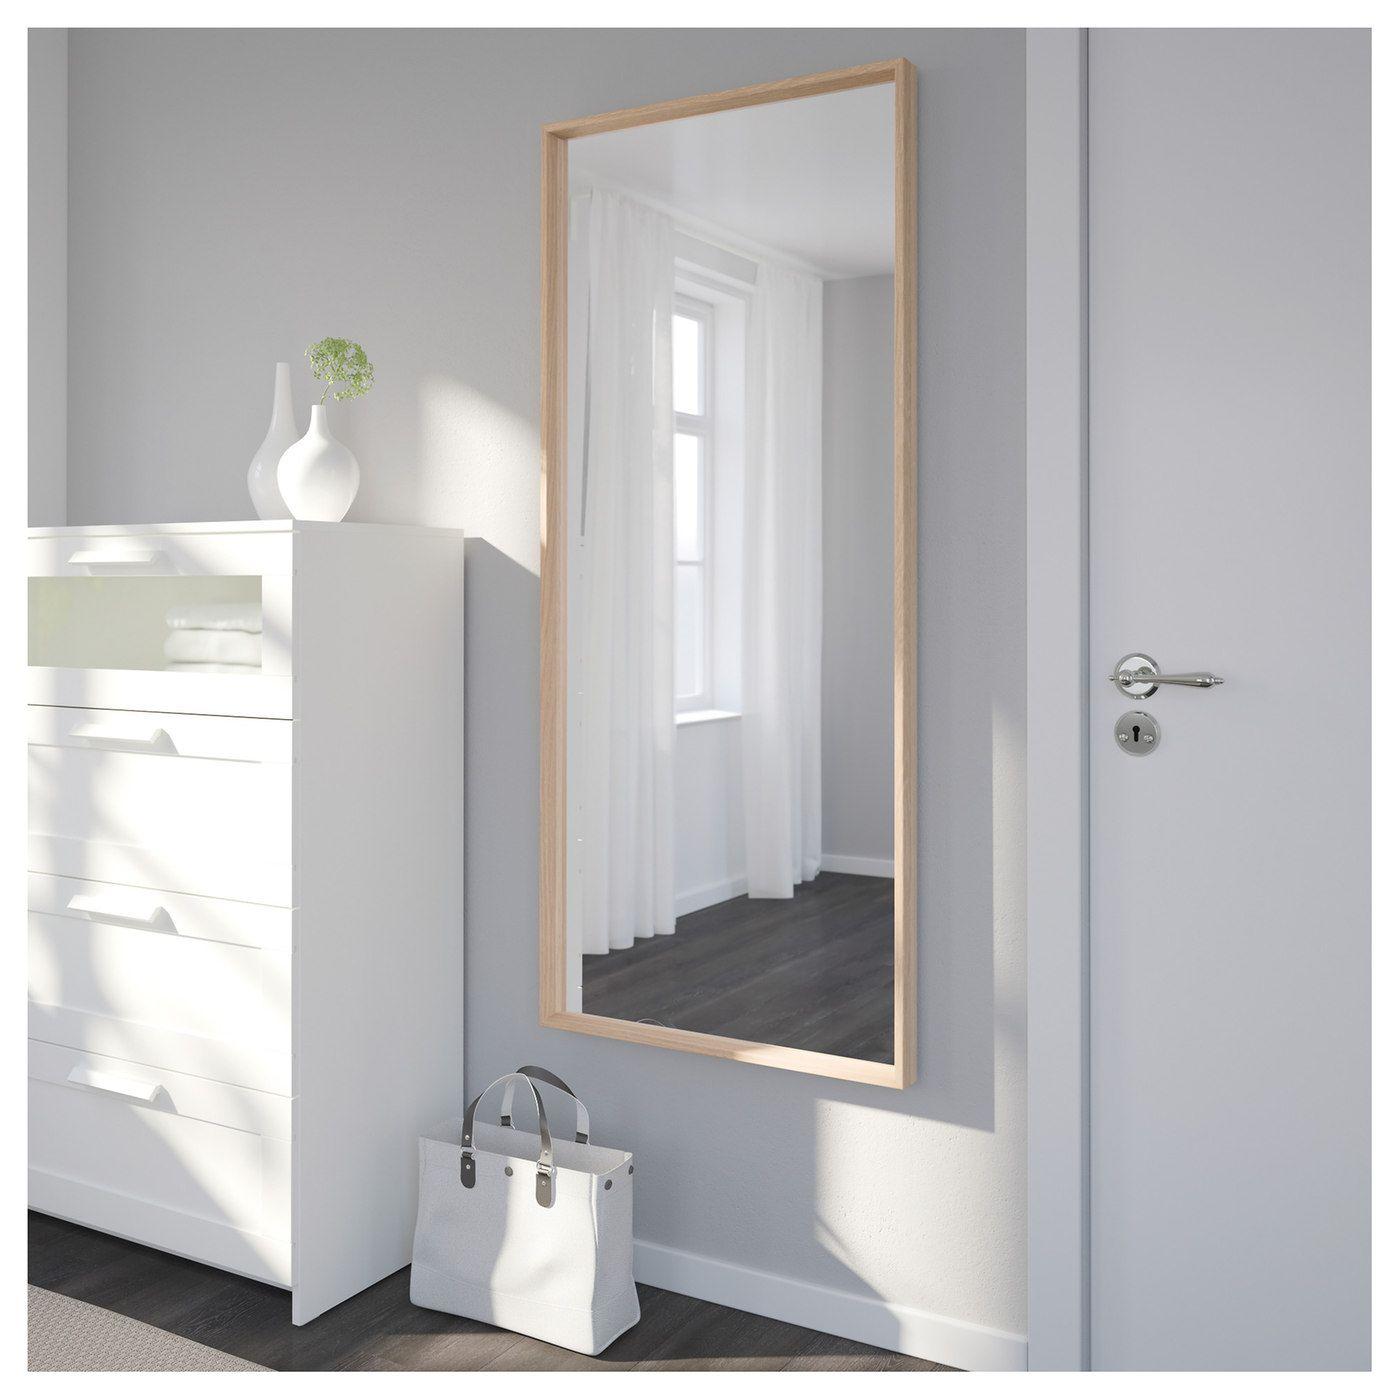 Nissedal Spiegel Eicheneff Wlas Ikea Deutschland Mit Bildern Fensterputzmittel Spiegel Ikea